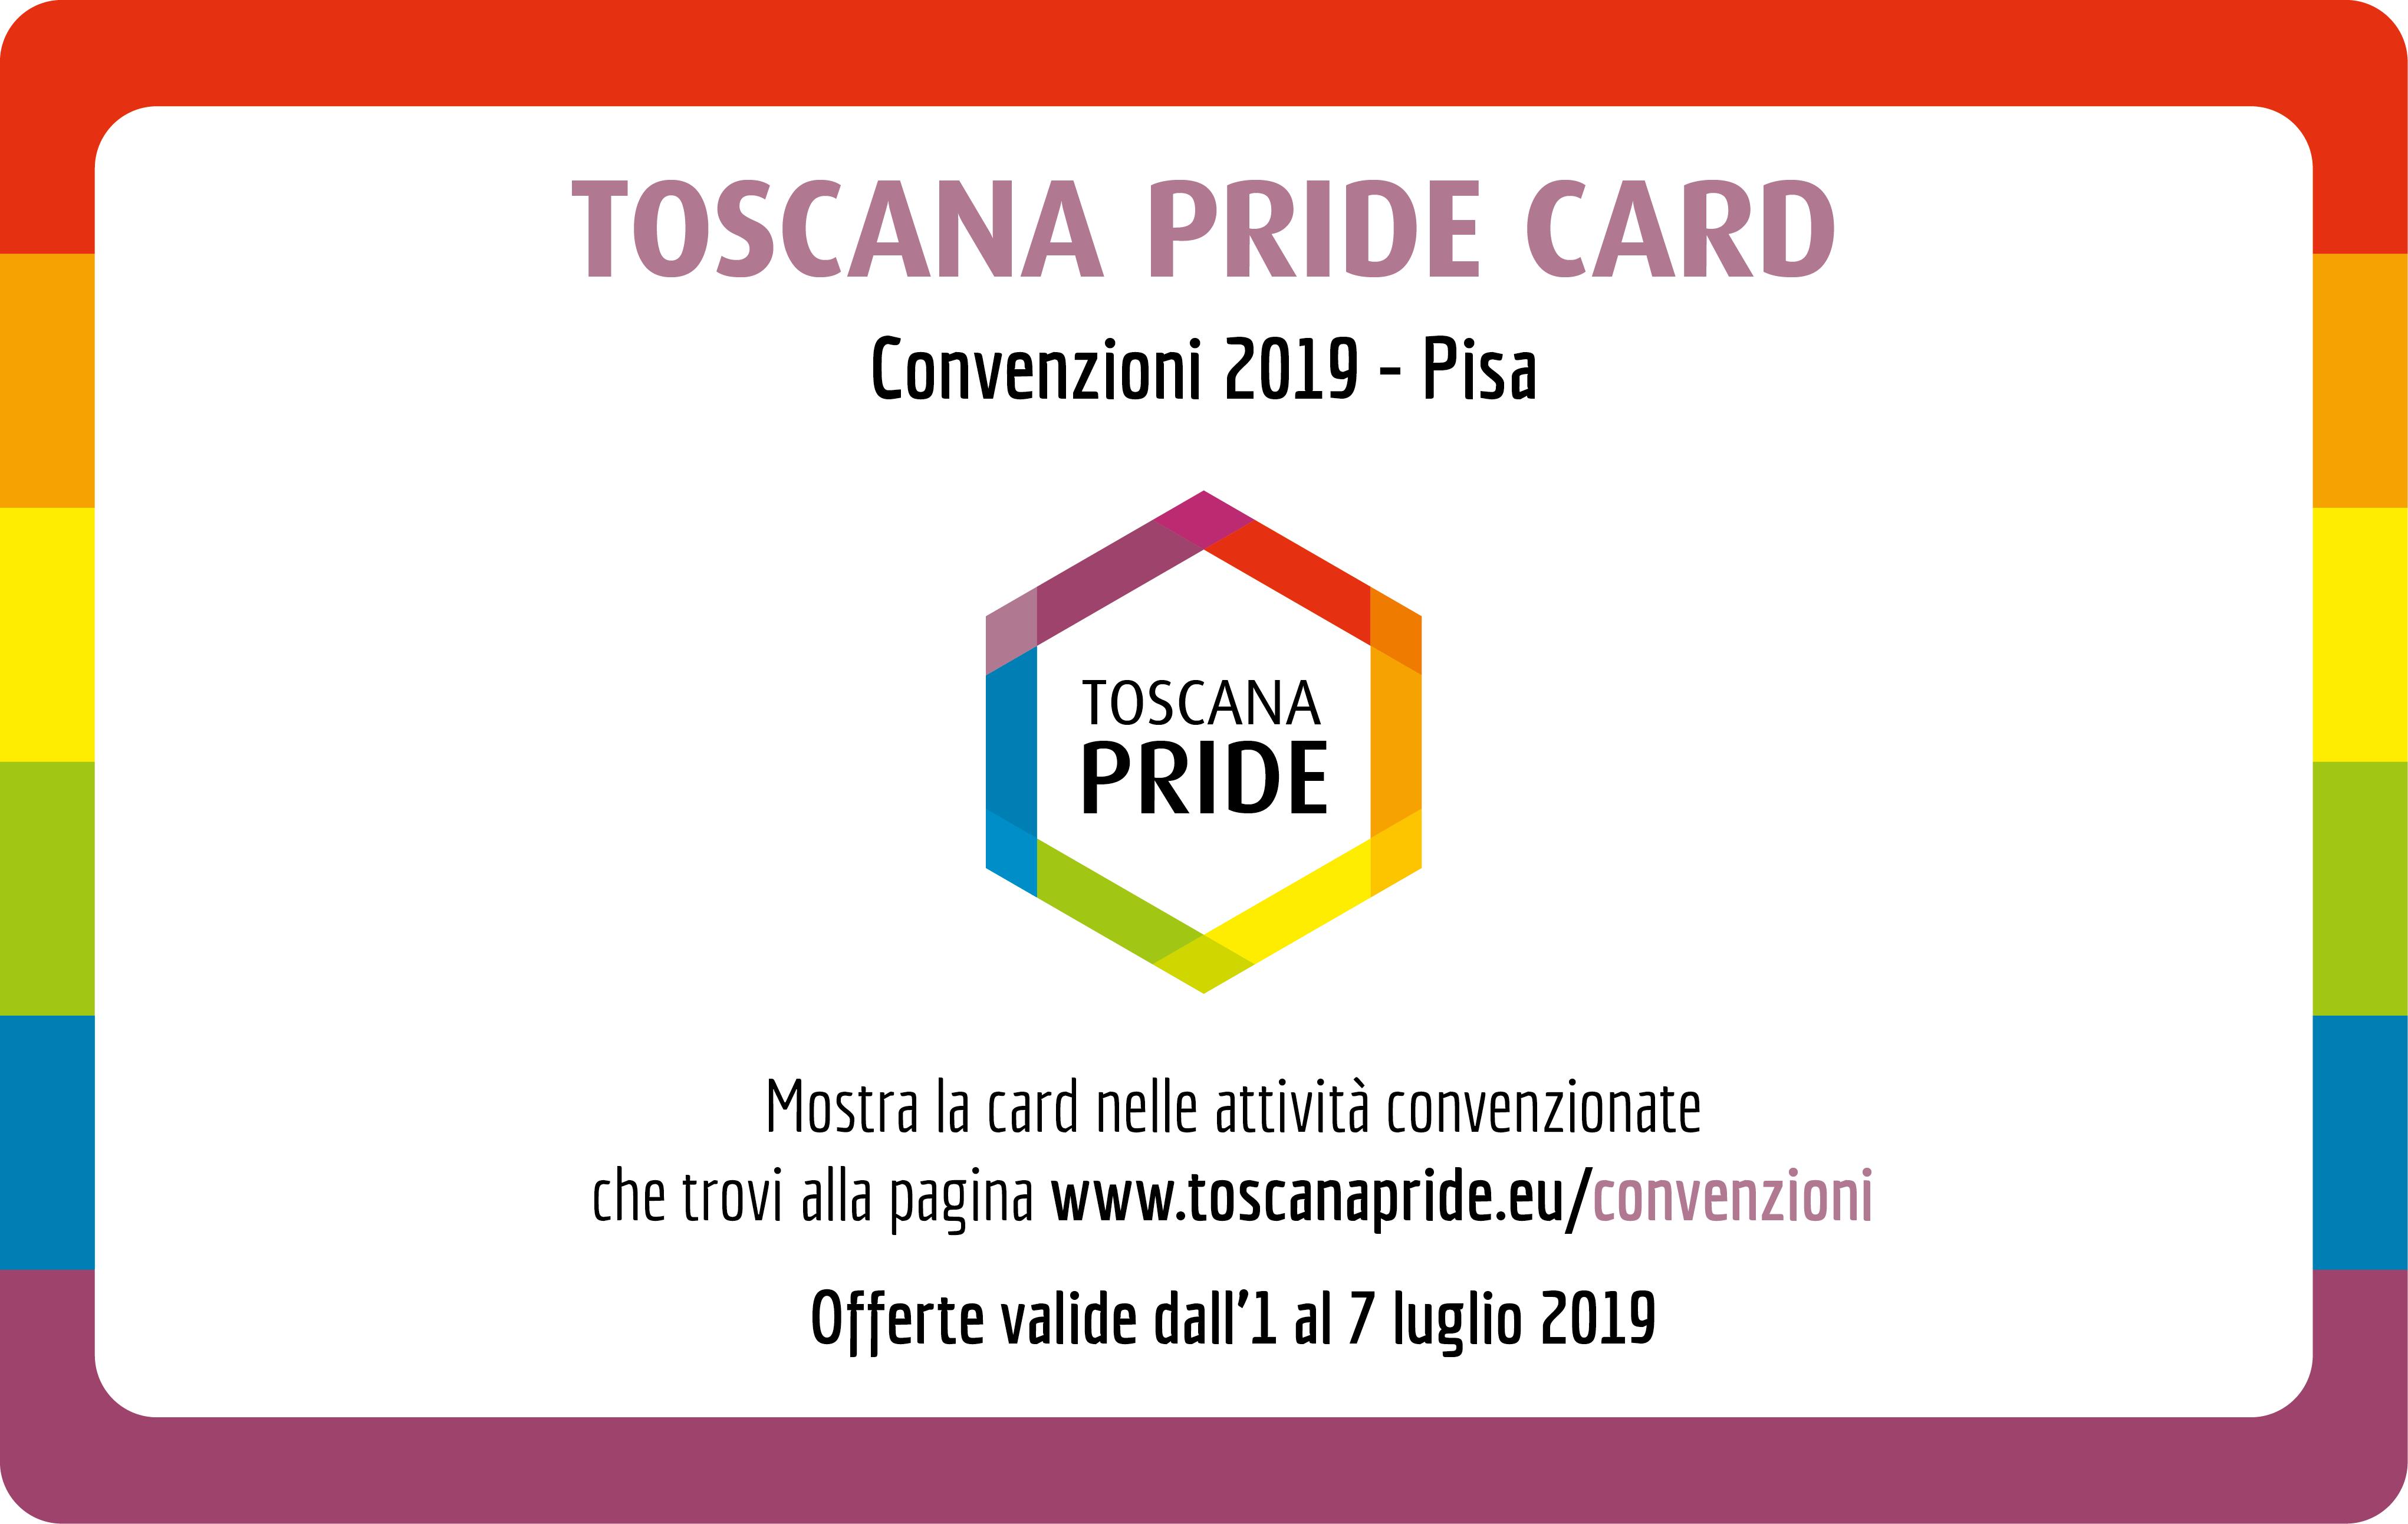 Convenzioni Toscana Pride 2019